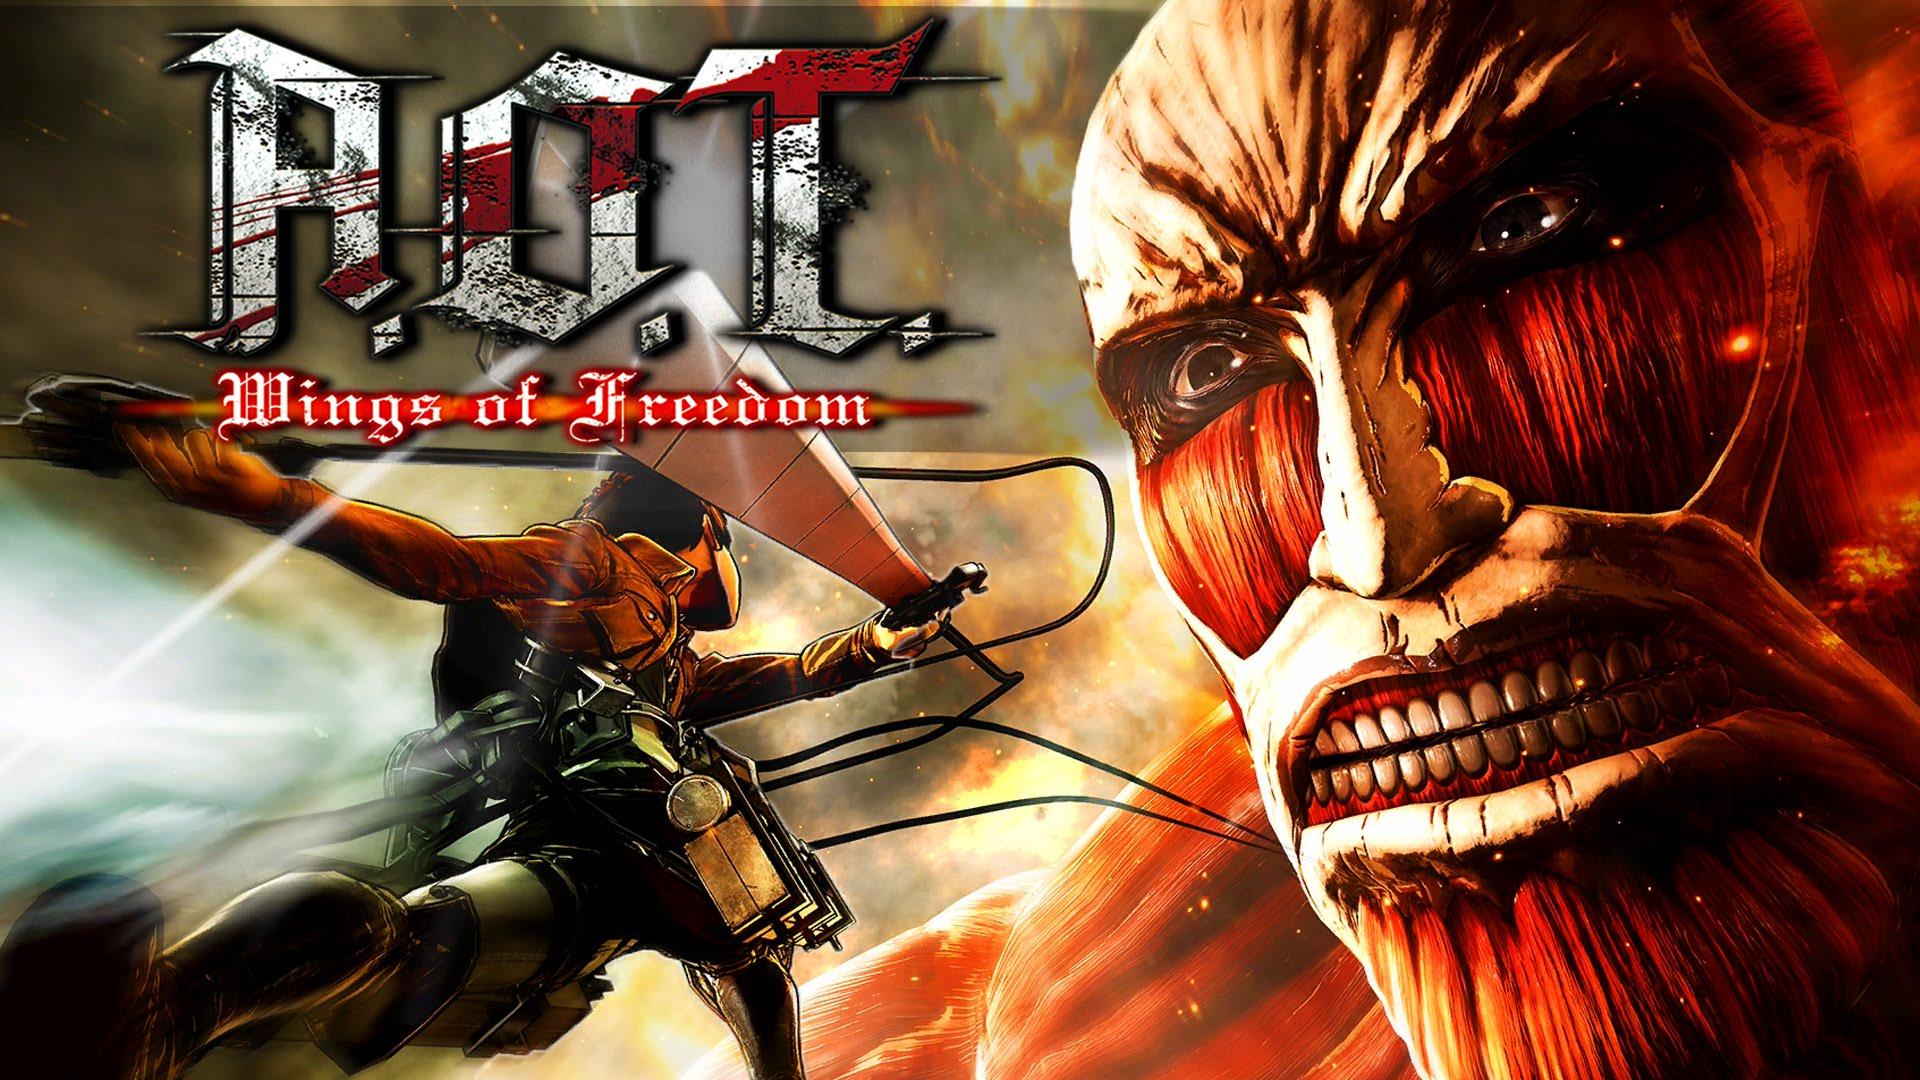 Пост-прохождение Attack of Titan: Wings of Freedom Часть 1 НАЧАЛО!!! - Изображение 1